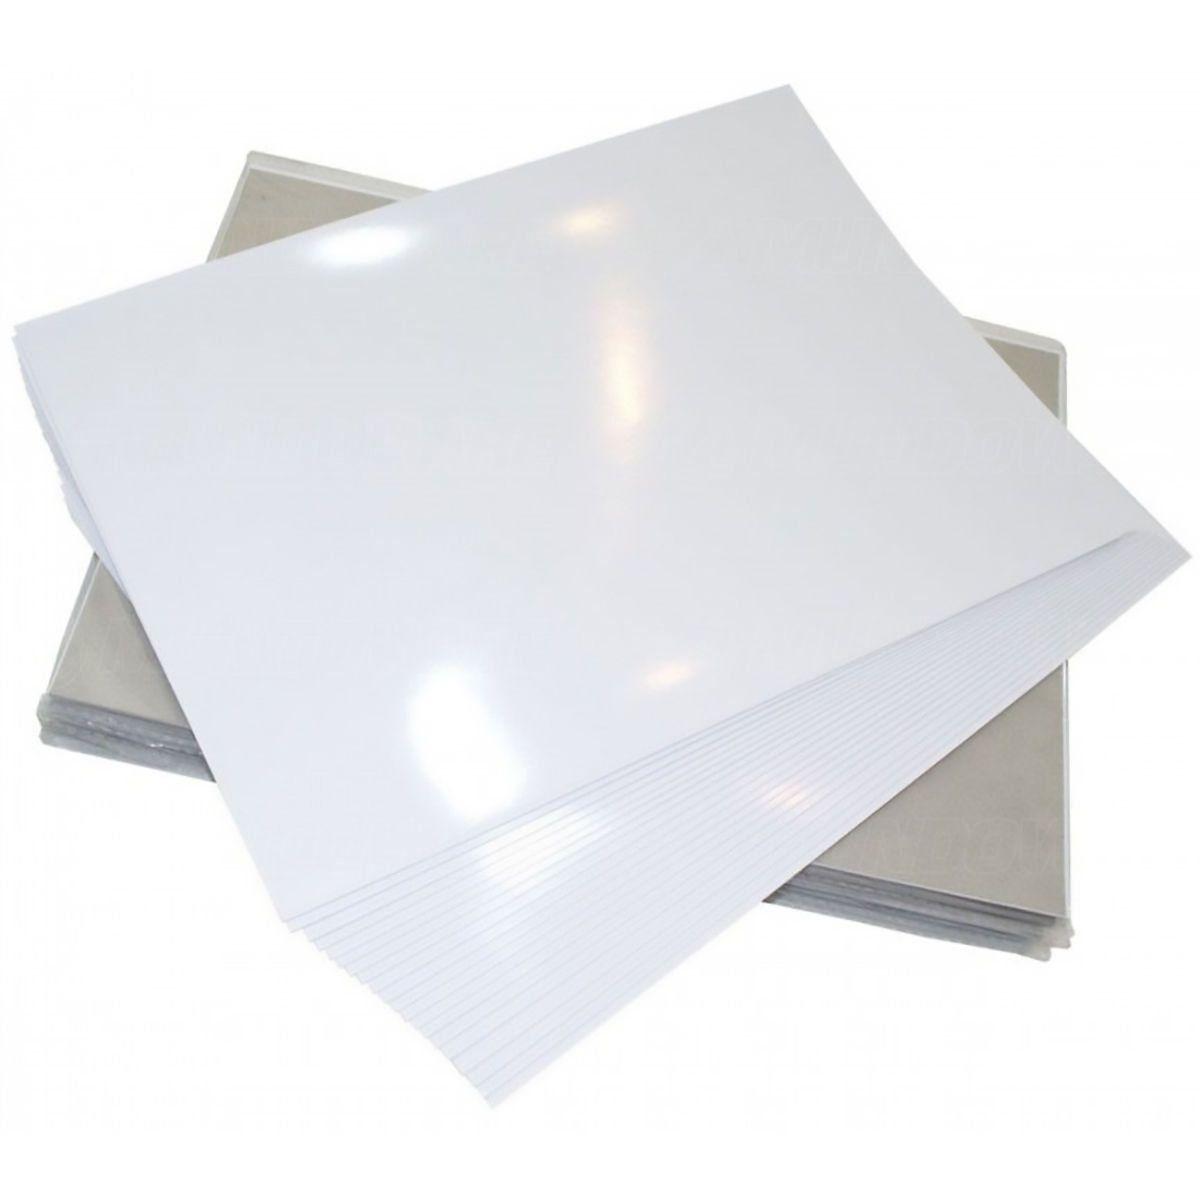 Papel Fotográfico 115g A4 Glossy Branco Brilhante Resistente à Água / 1000 folhas